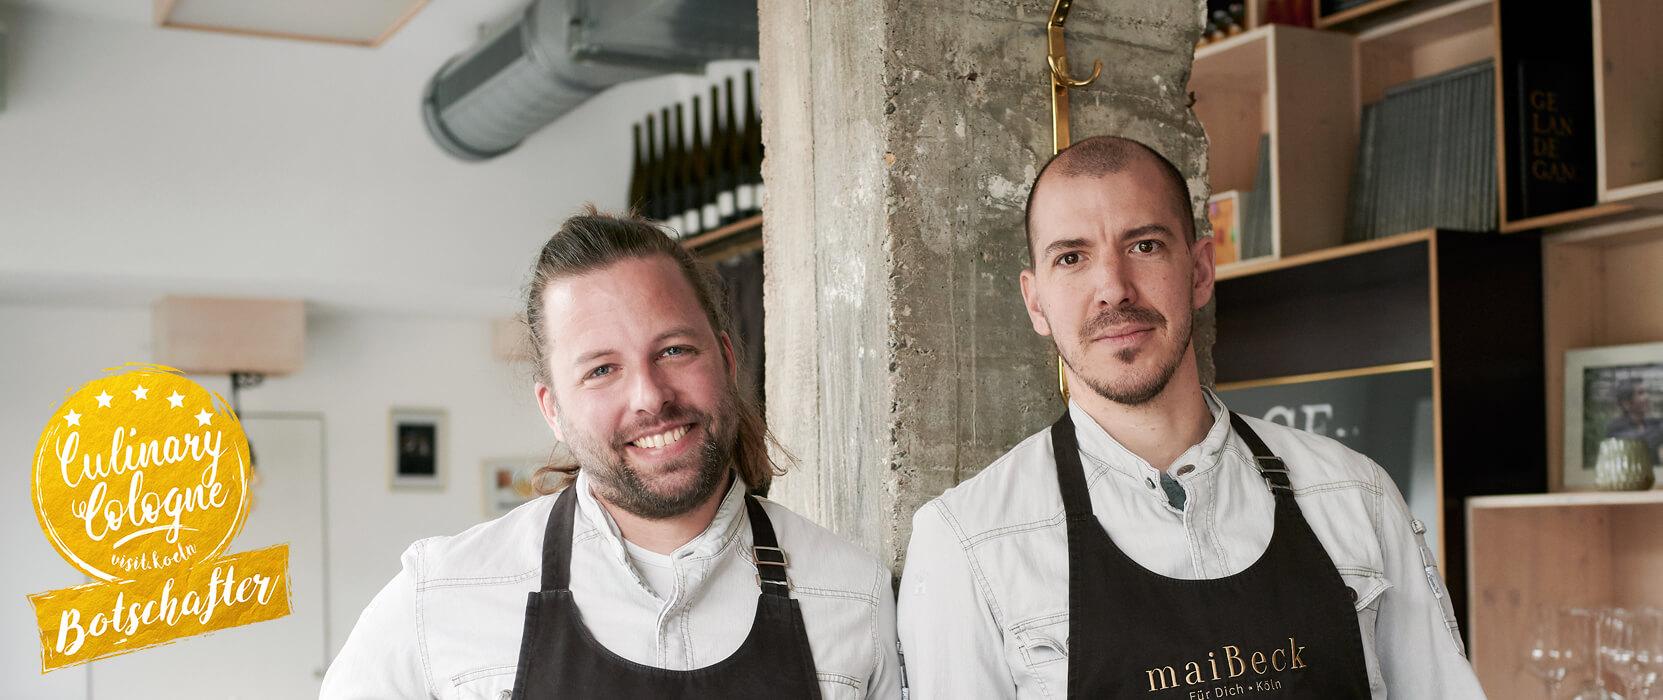 Jan C. Maier und Tobias Becker - #culinarycologne-Botschafter